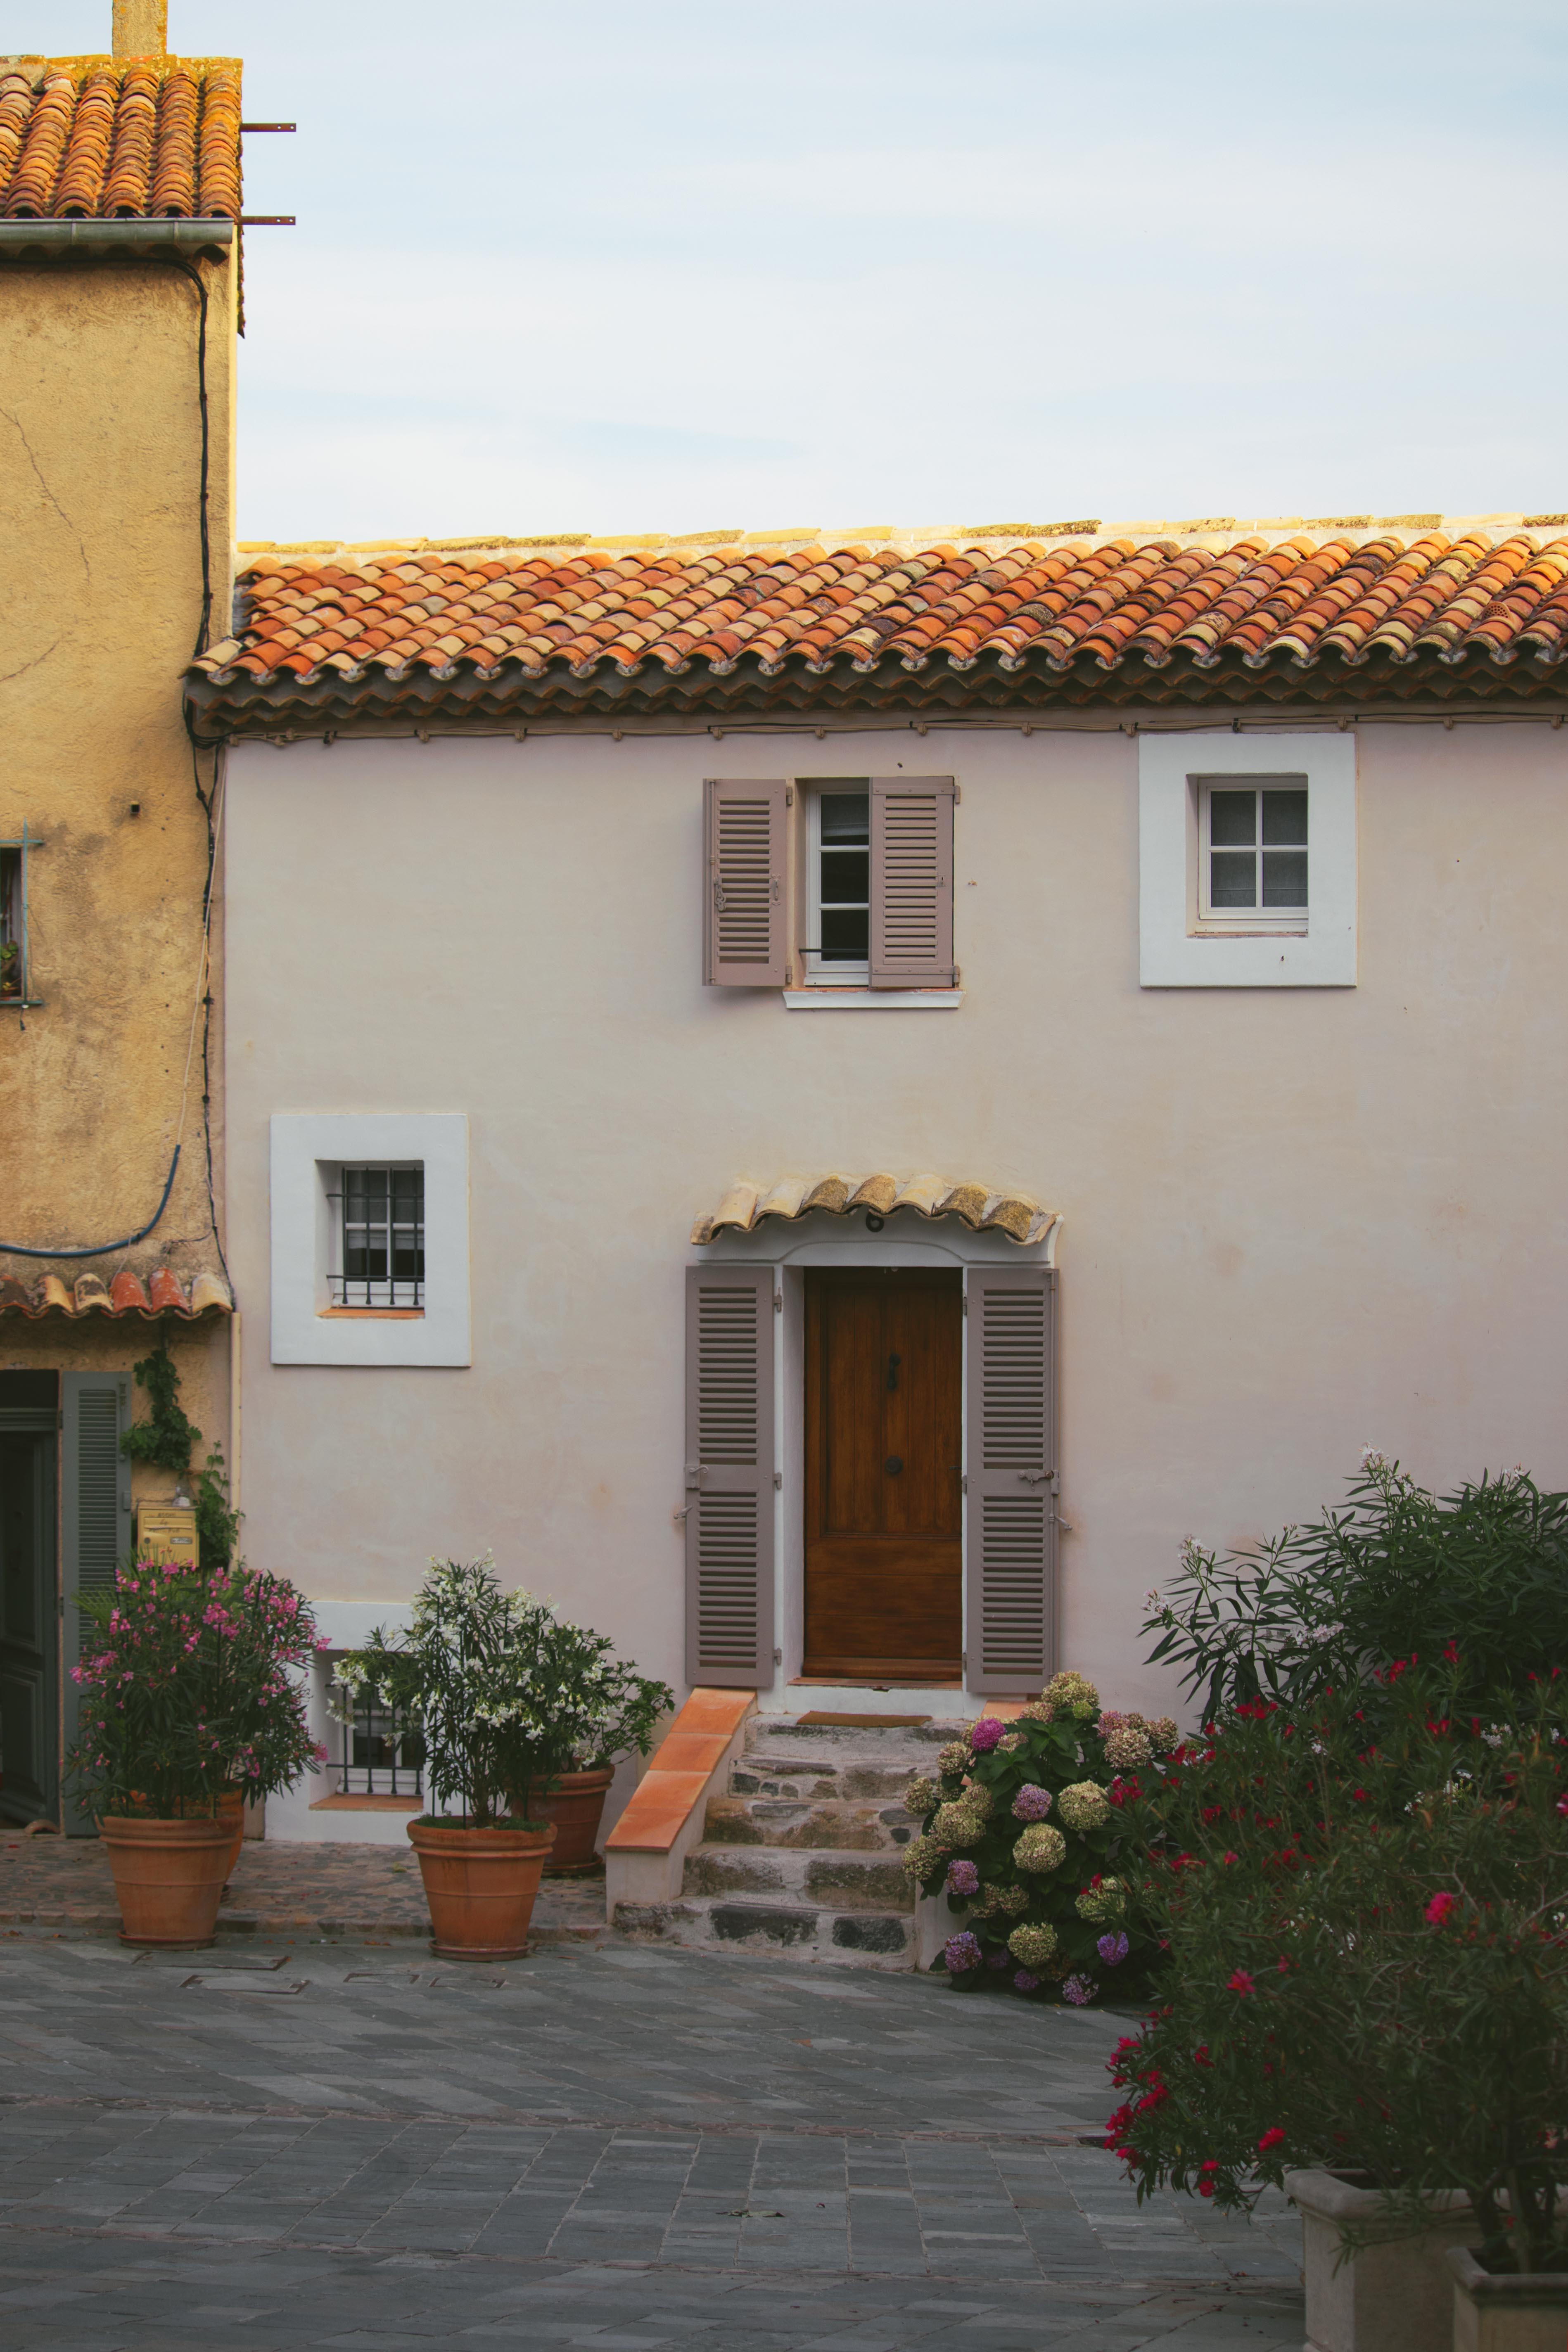 Quaint Little Town South of France